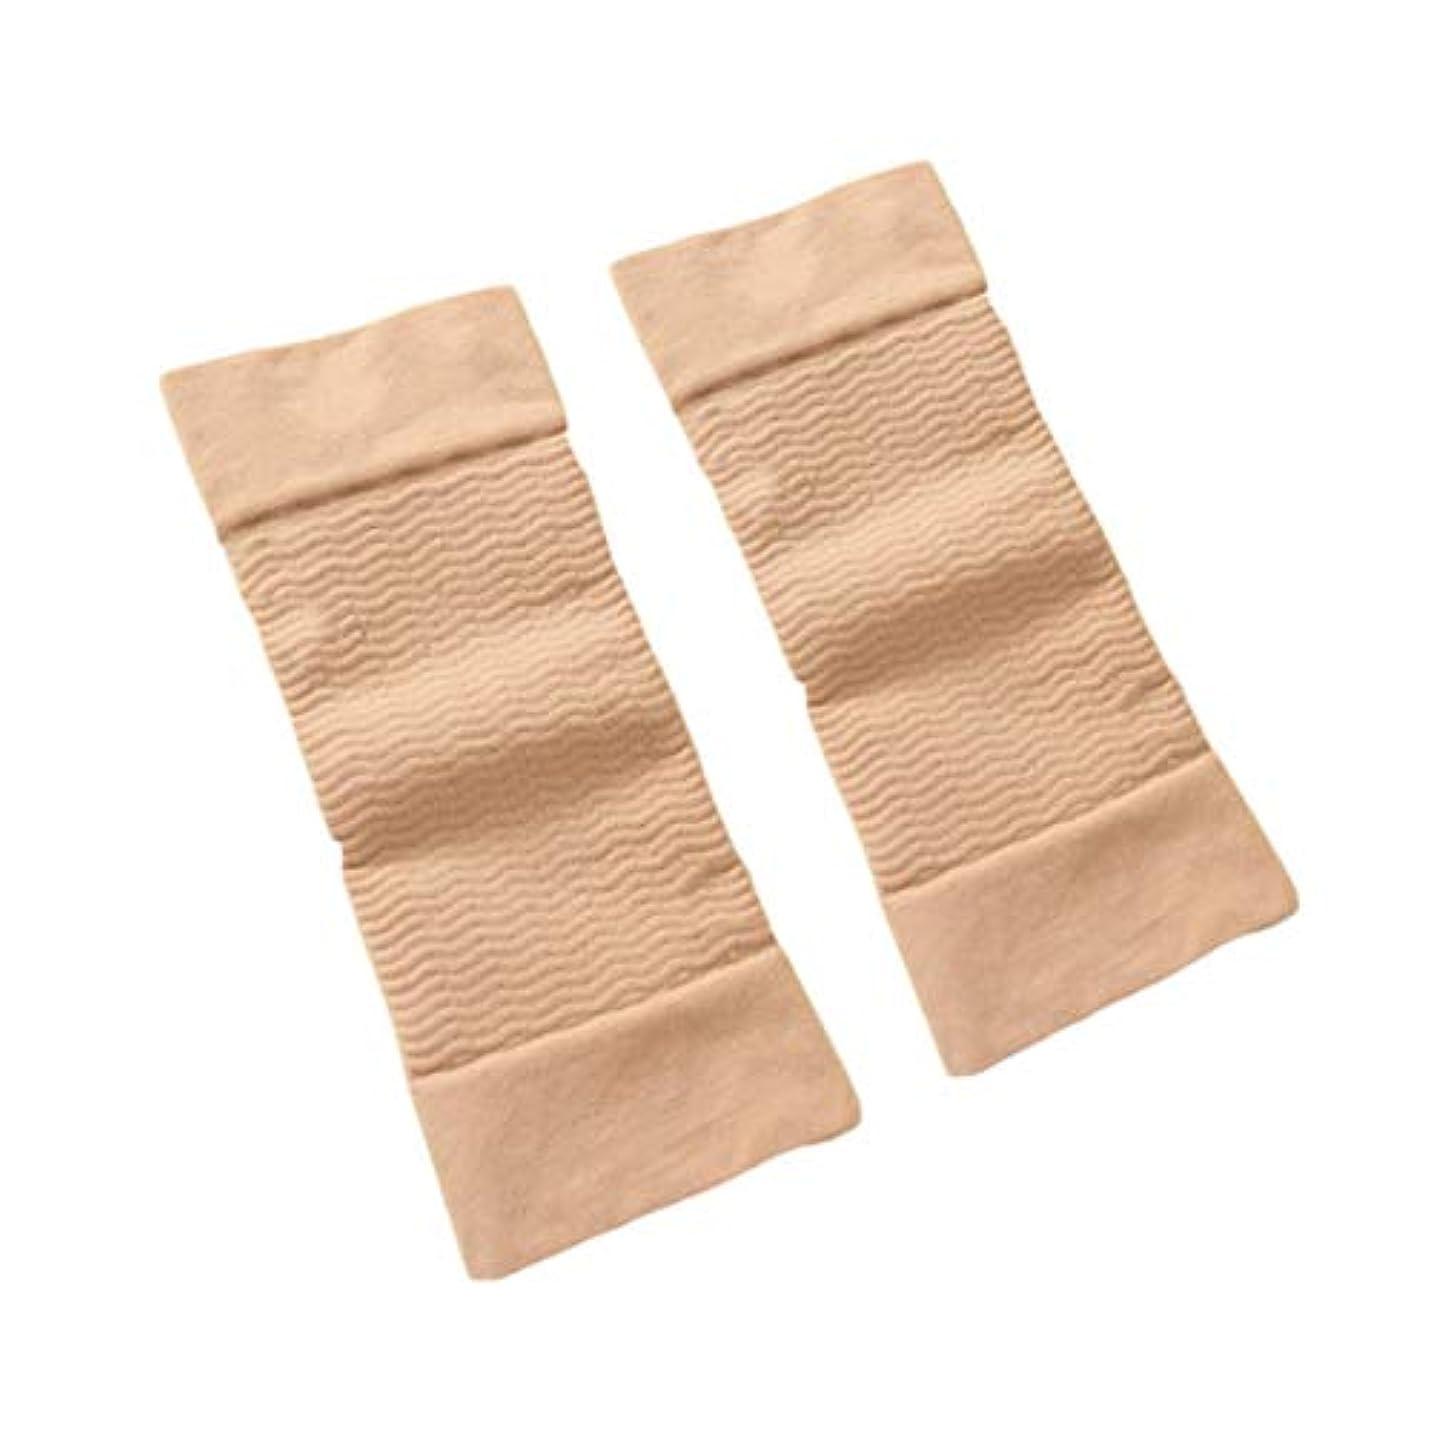 ヒップ葉を拾うディレイ1ペア420 D圧縮痩身アームスリーブワークアウトトーニングバーンセルライトシェイパー脂肪燃焼袖用女性 - 肌色